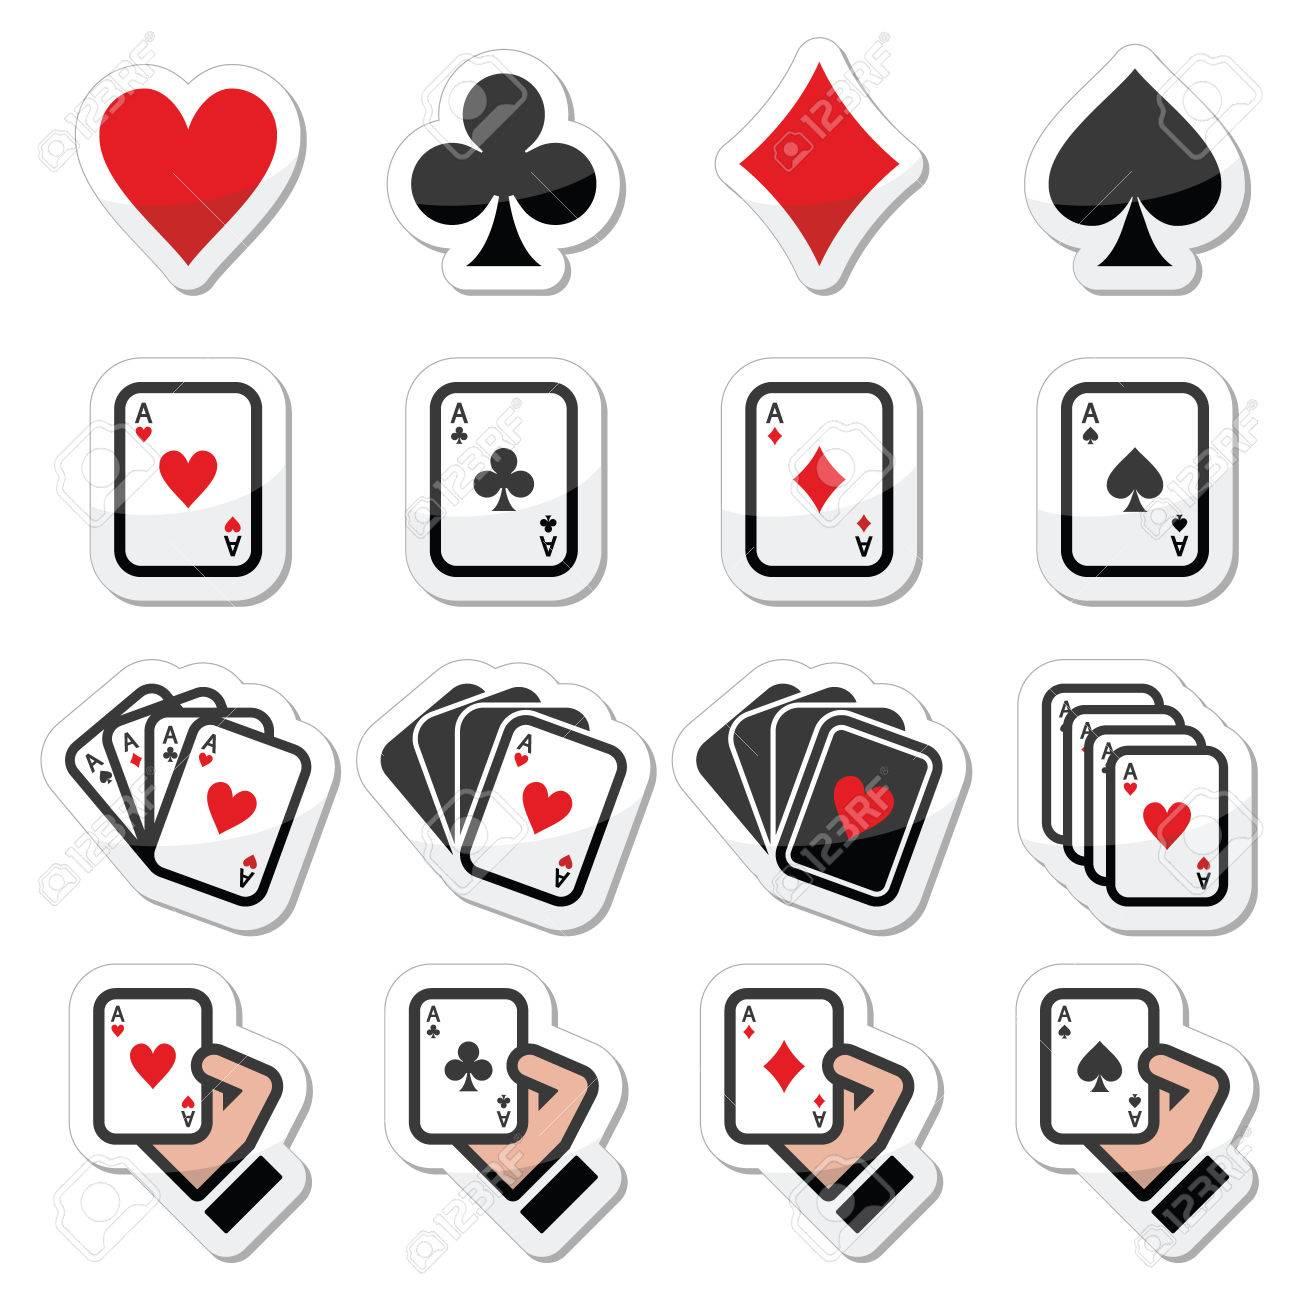 Jugando A Las Cartas Poker Establece Iconos De Juegos De Azar